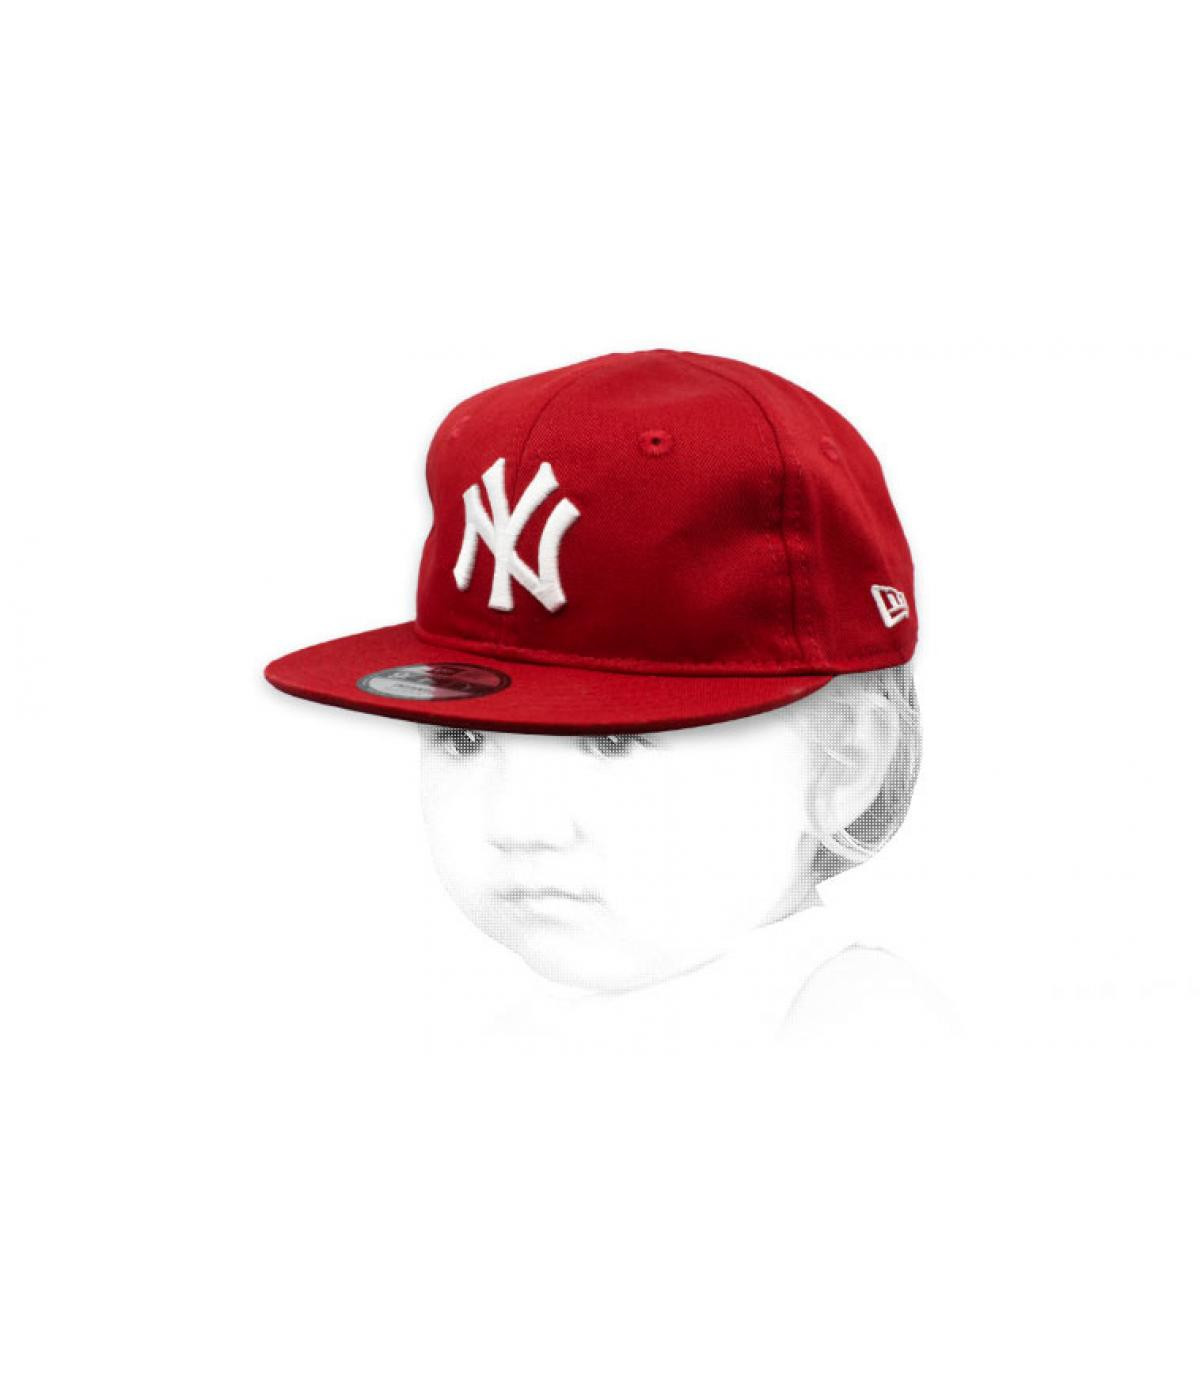 Baby Cap NY rot weiß